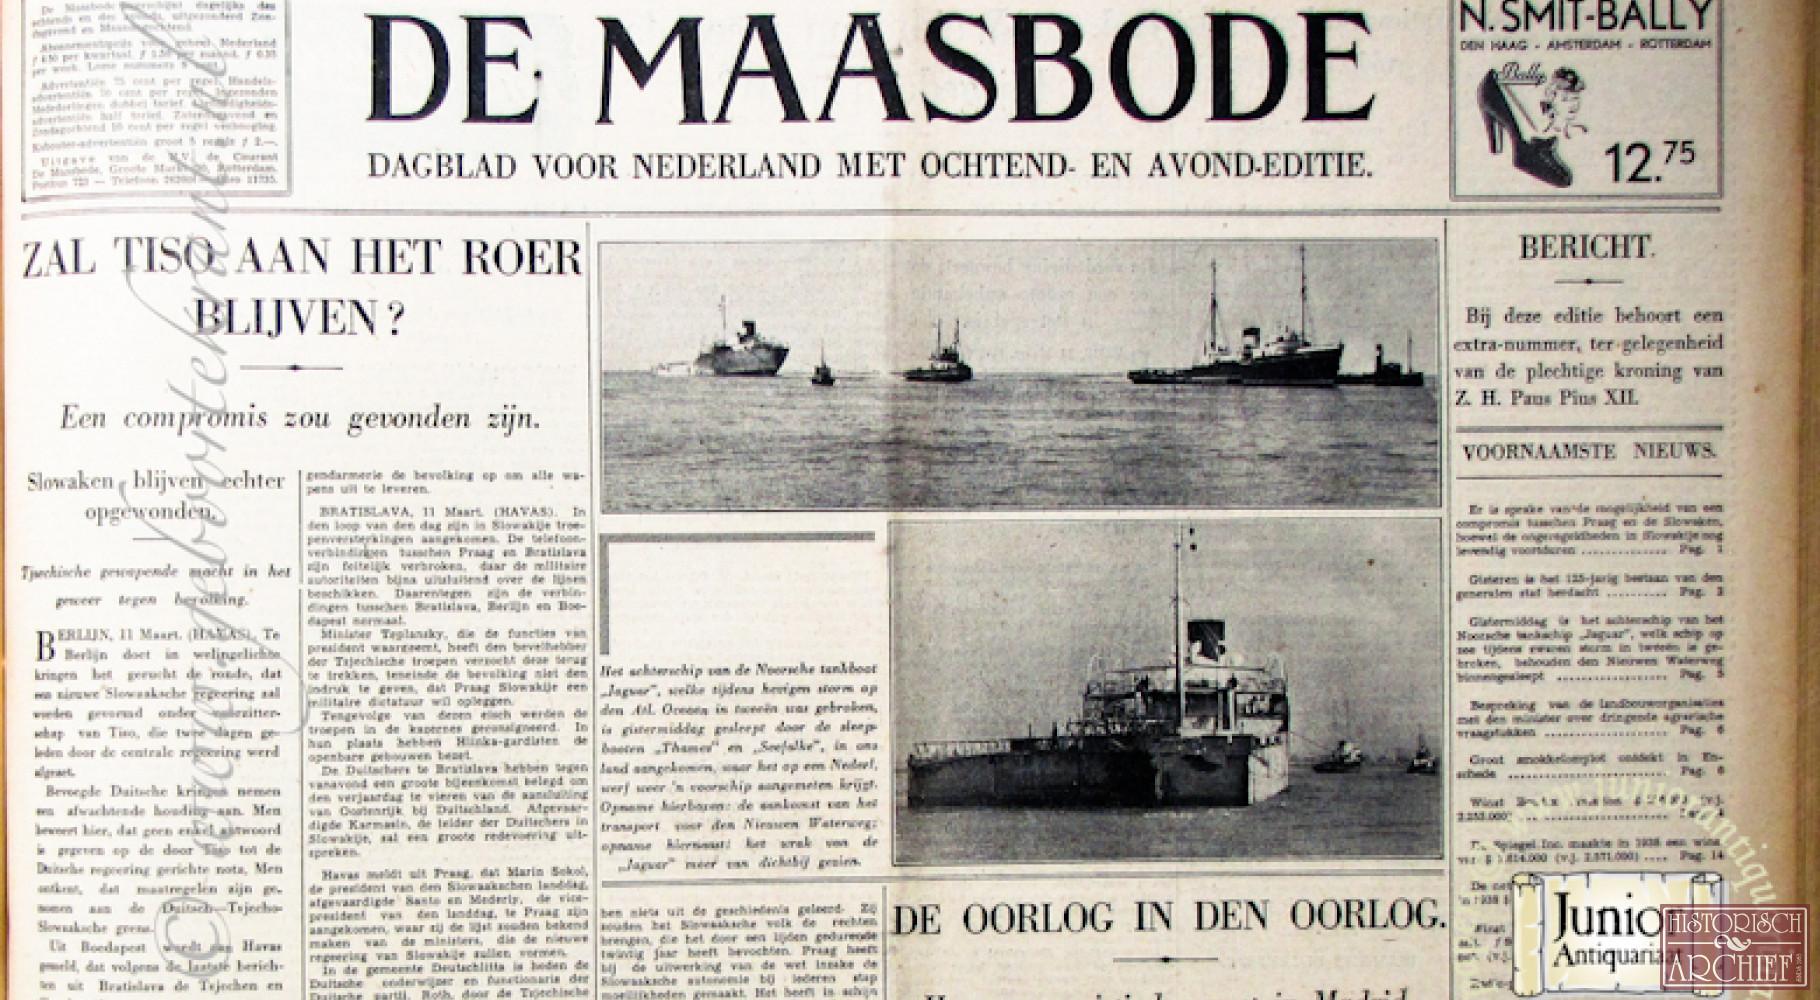 De Maasbode